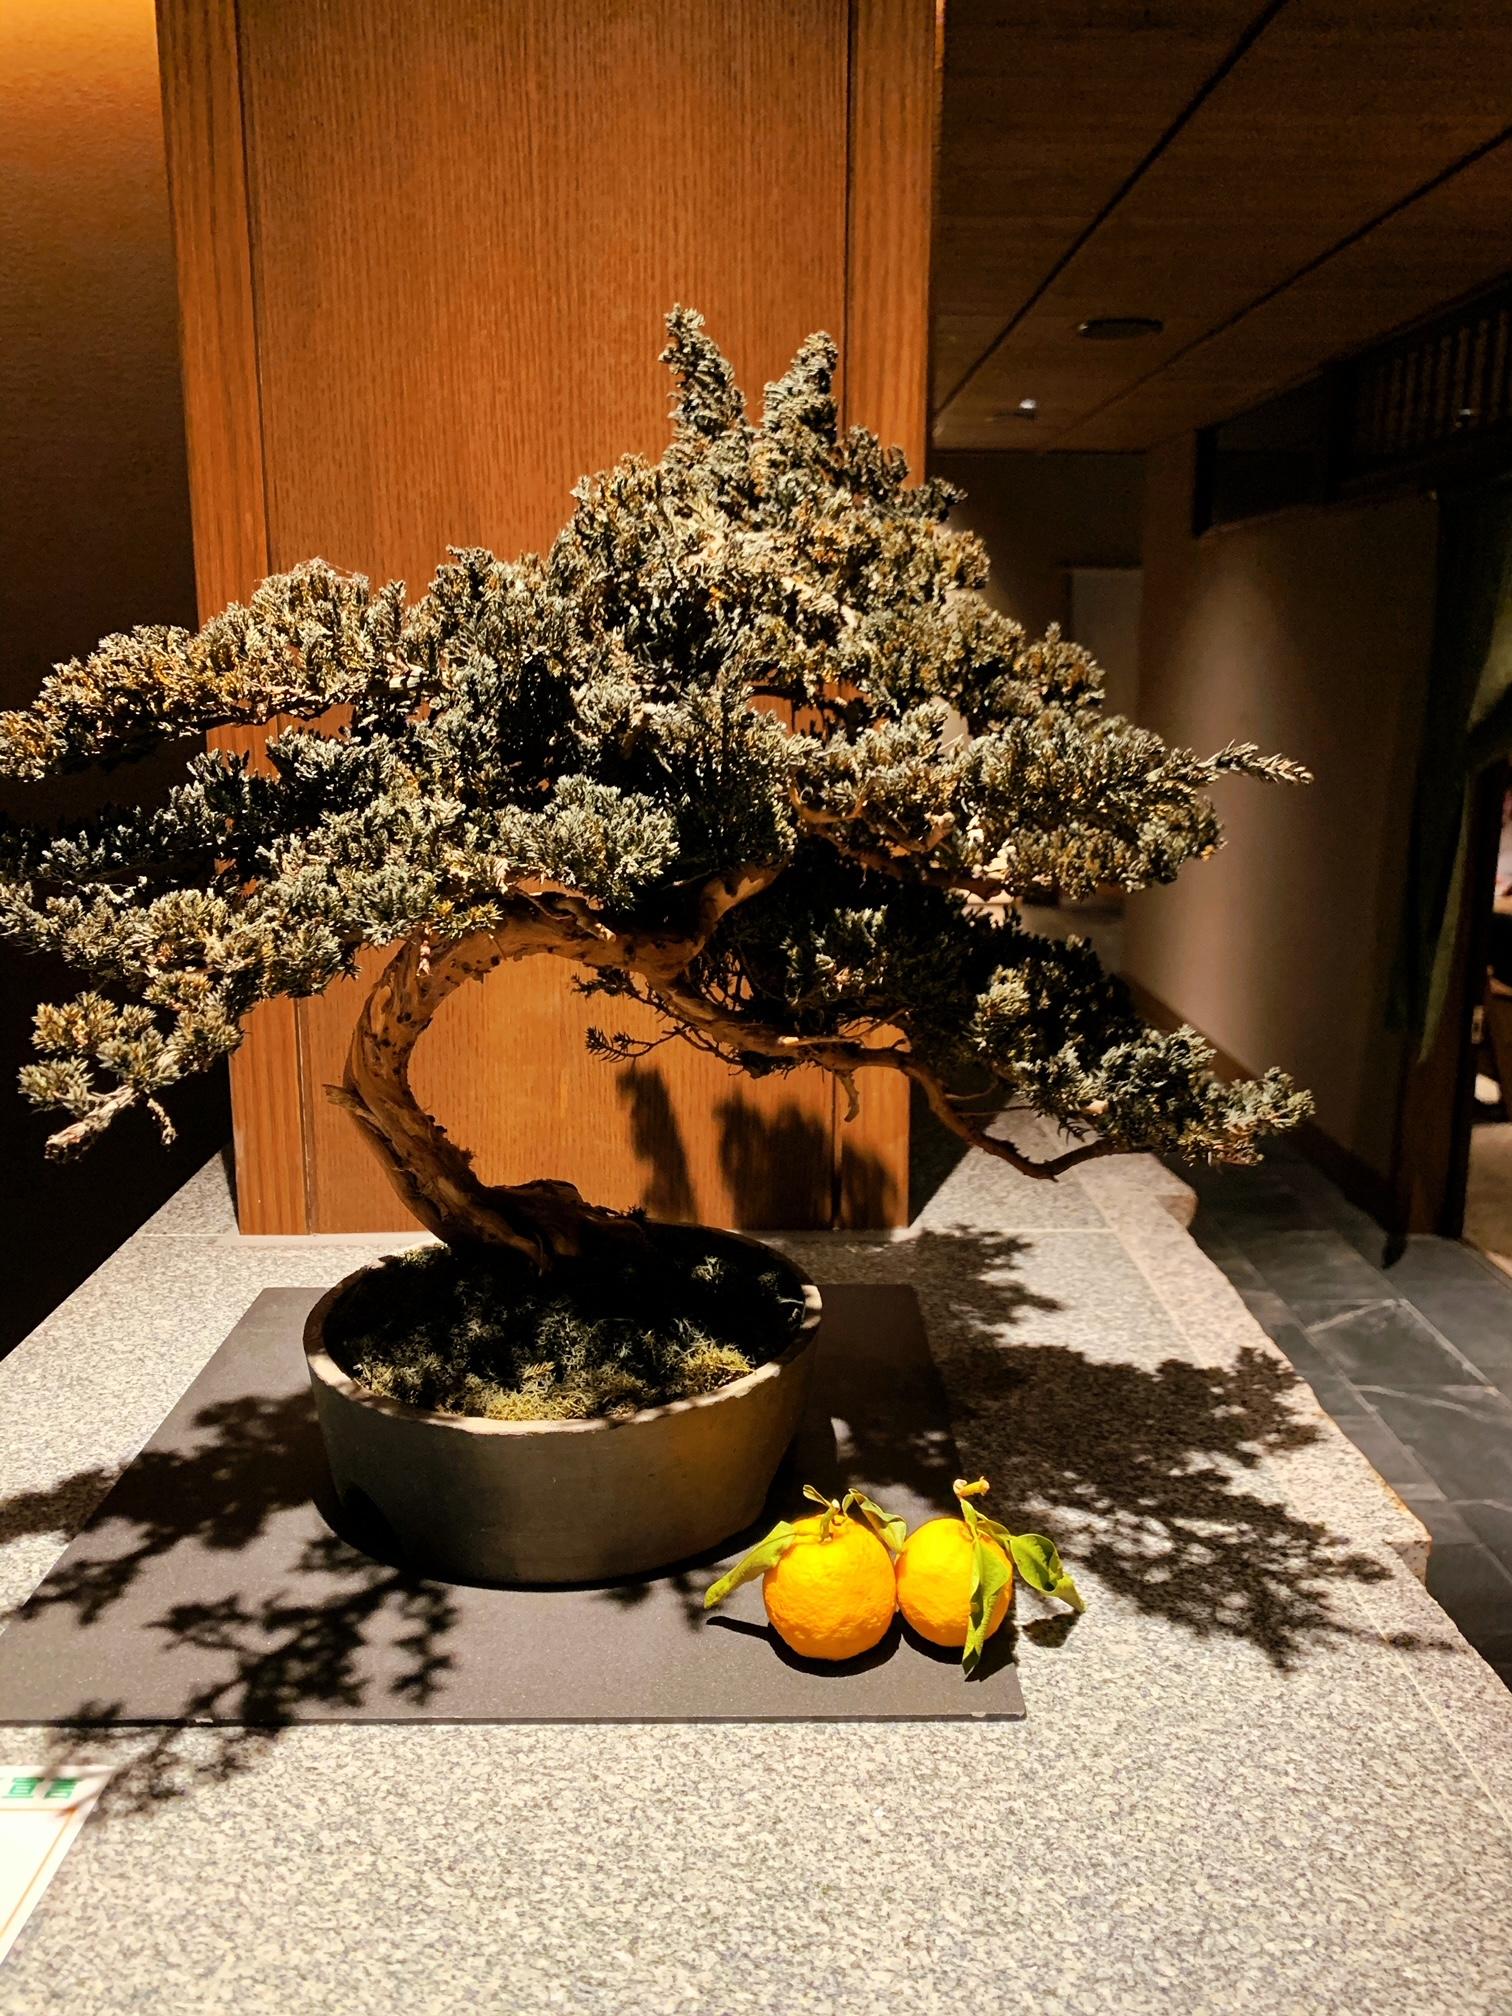 【なかなか予約が取れない!】東京に居ながらにして《箱根の温泉を楽しめる人気スポット》に行ってきた♡_17